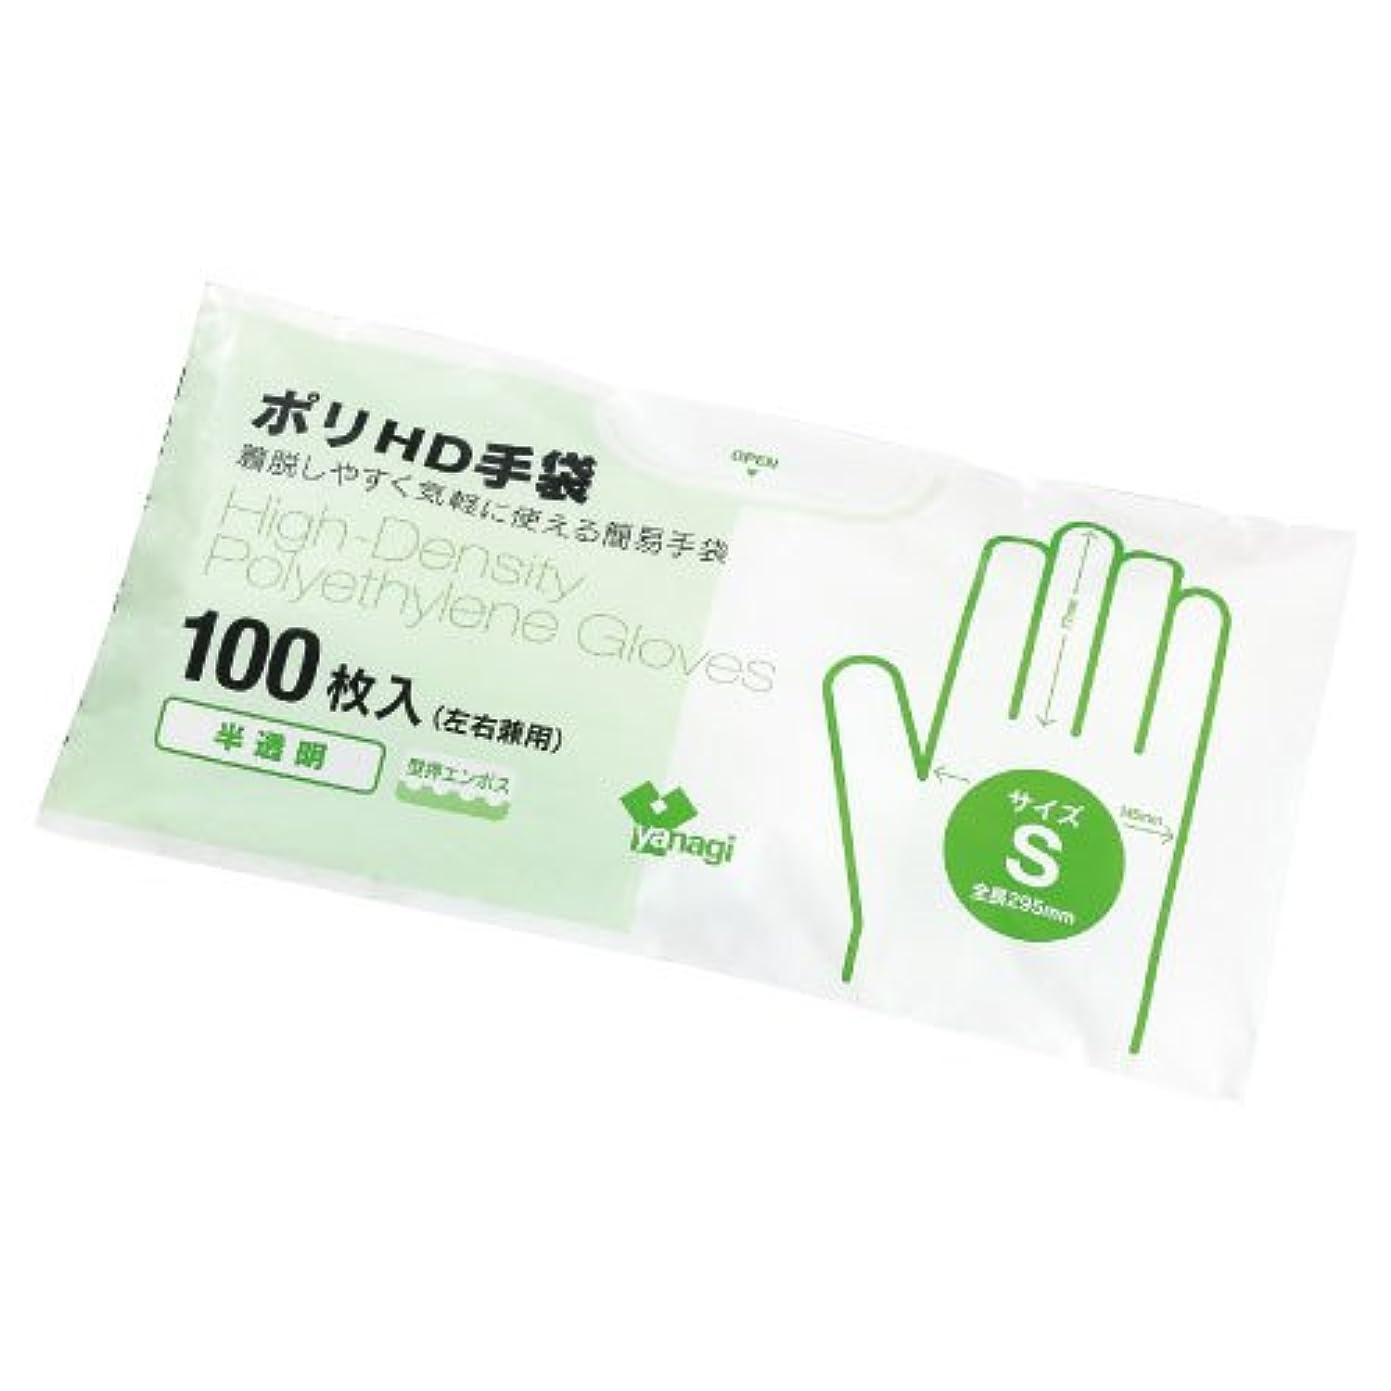 王子トランクライブラリ約ポリHD手袋(半透明)型押エンボス TB-203(M)100???? ???HD???????????????(24-2575-01)【やなぎプロダクツ】[120袋単位]